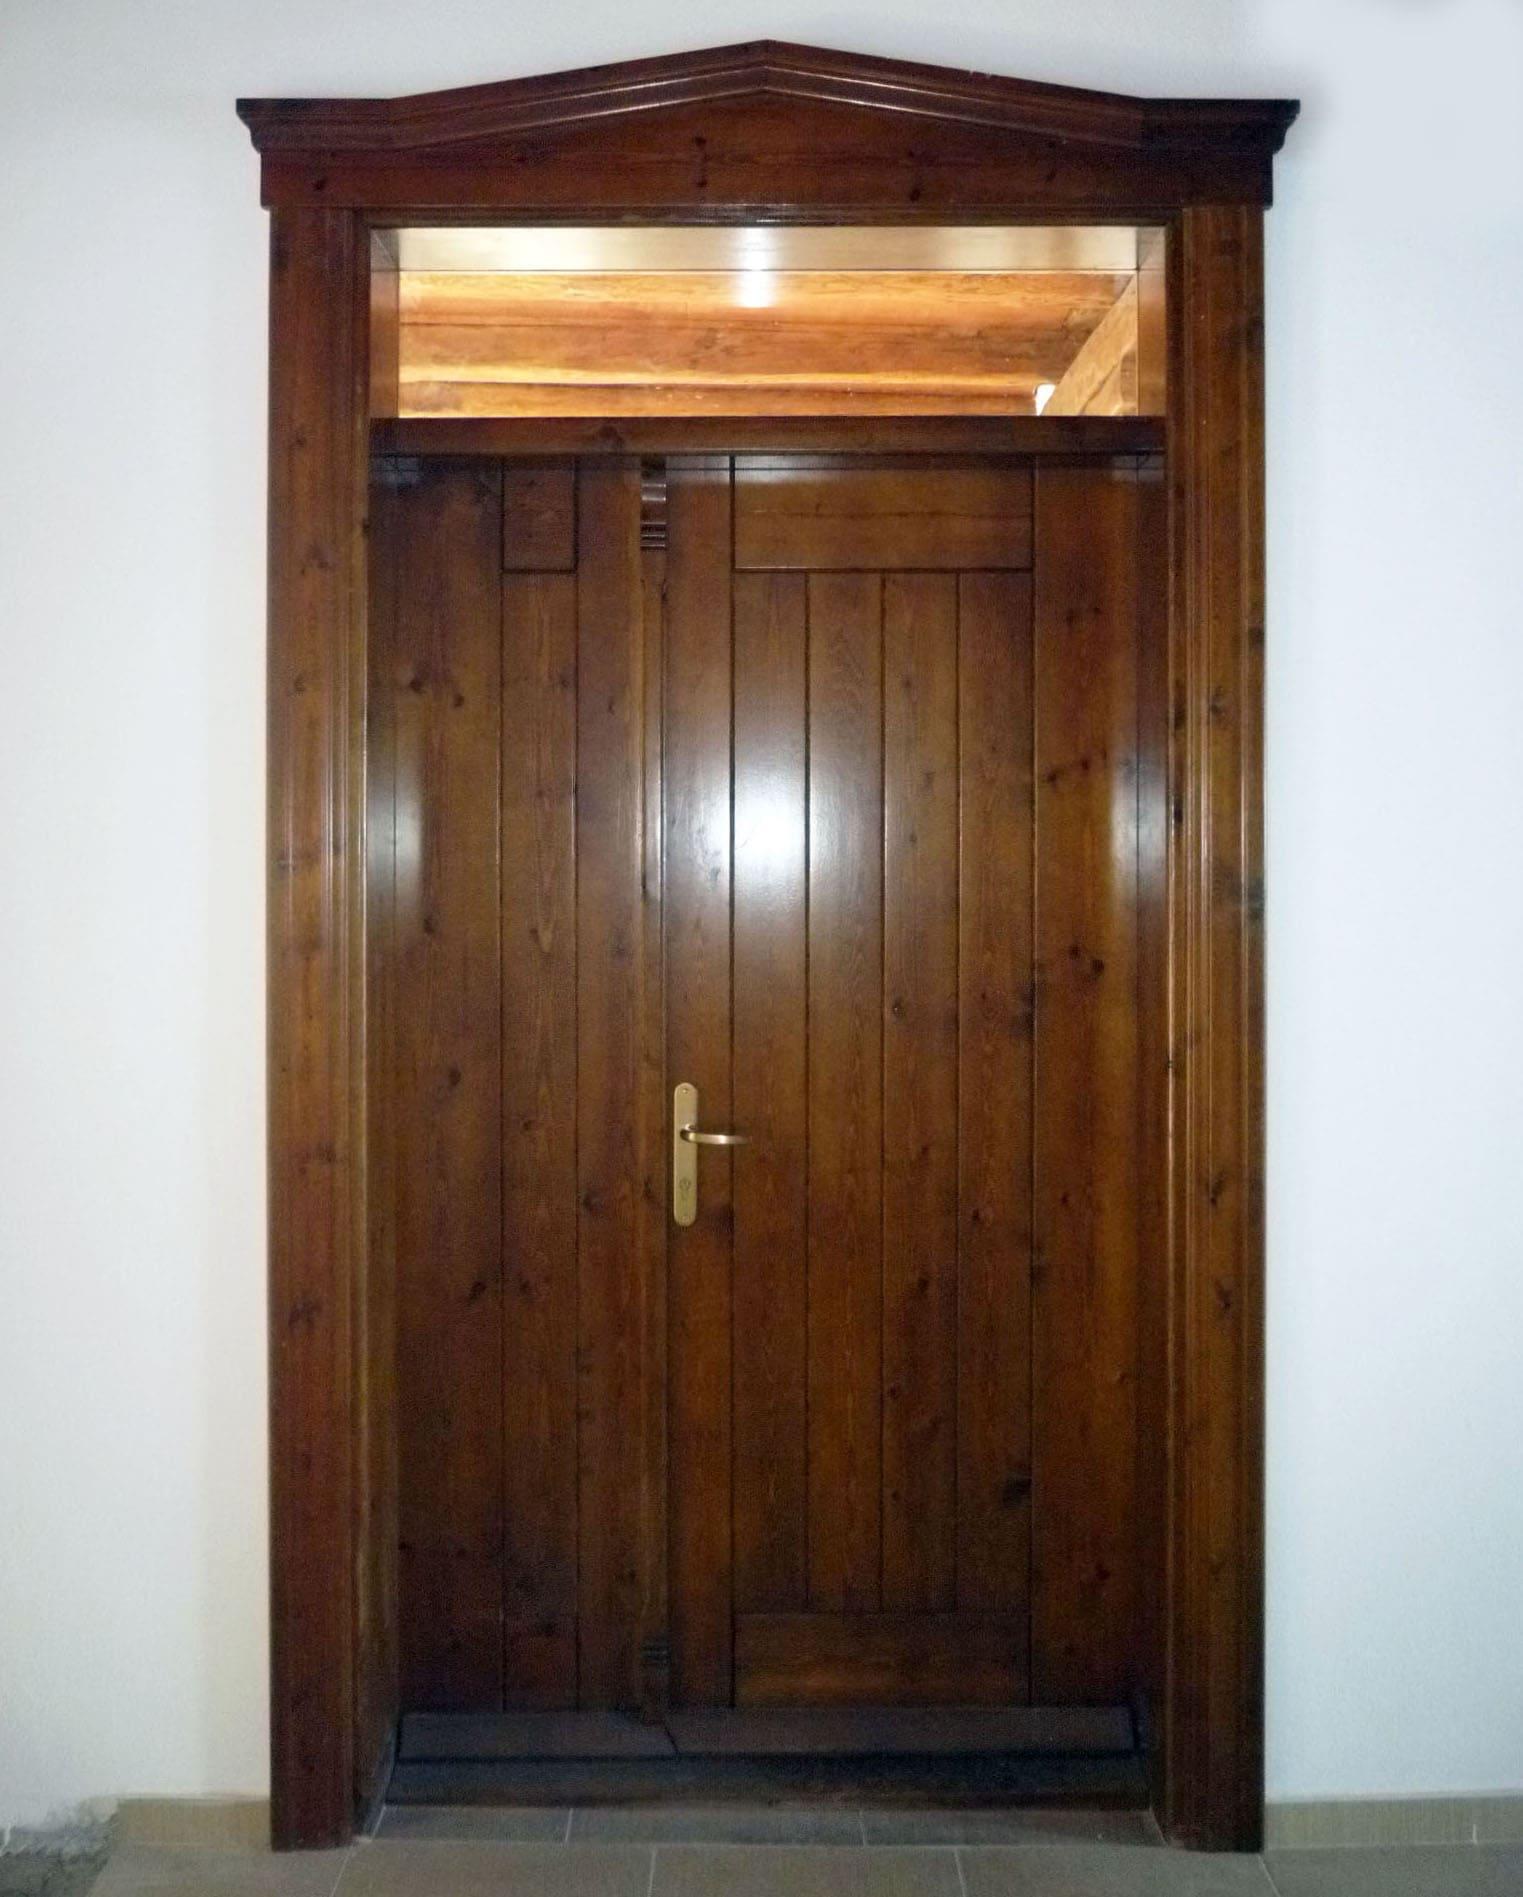 πόρτα με ανοιγόμενο φύλλο και φεγγίτη